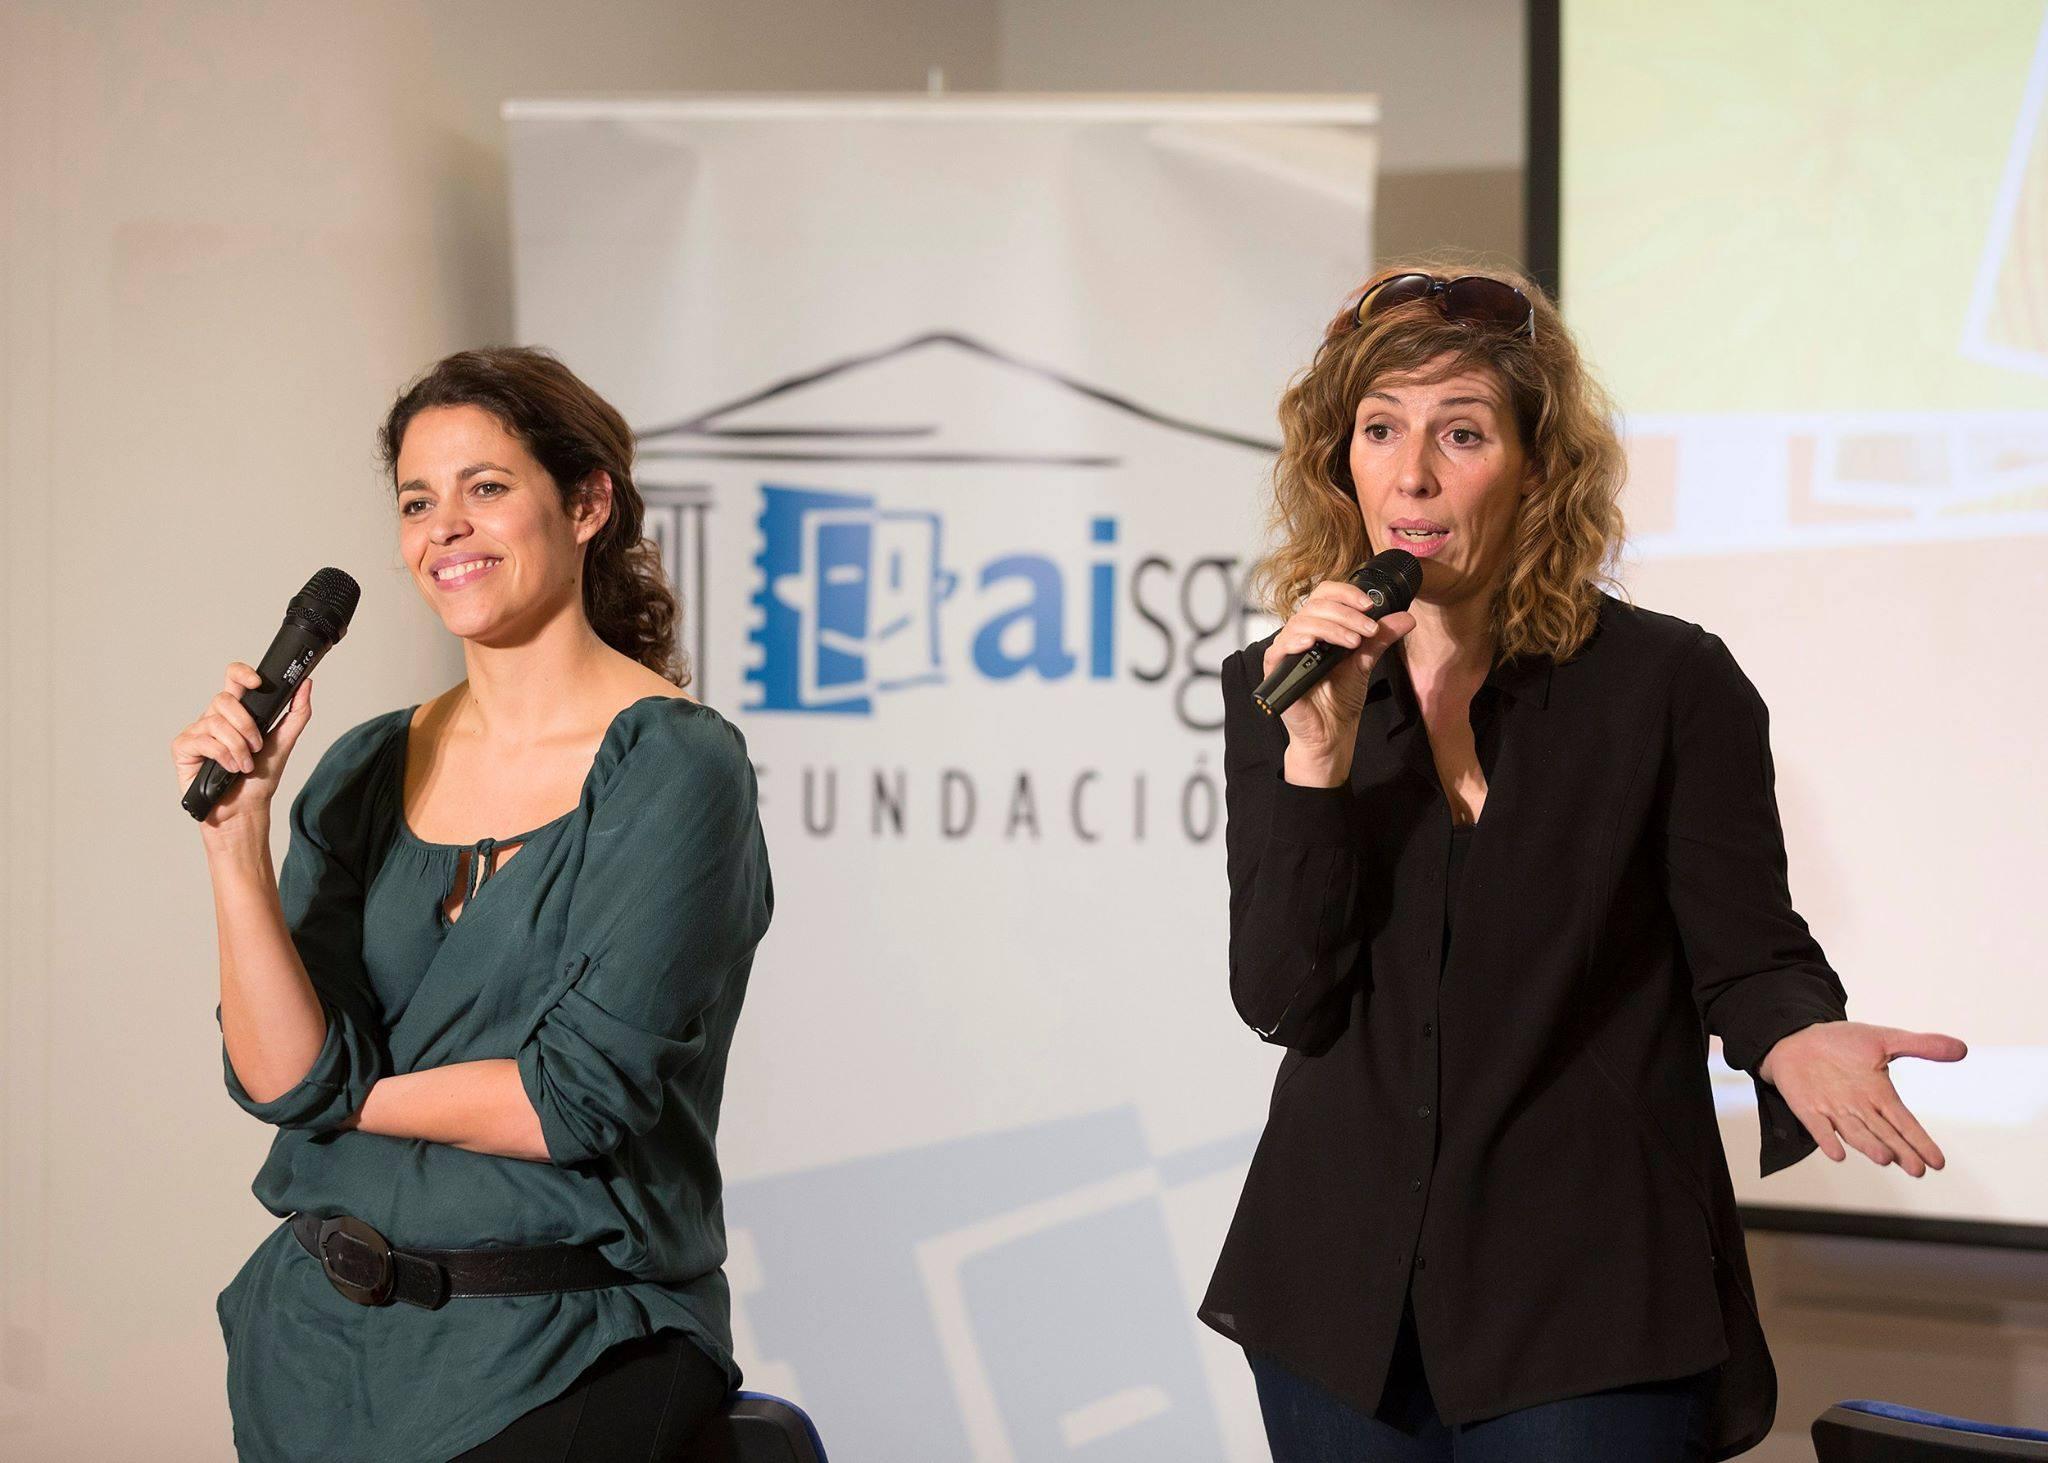 Eva Leira y Yolanda Serrano Directoras de casting